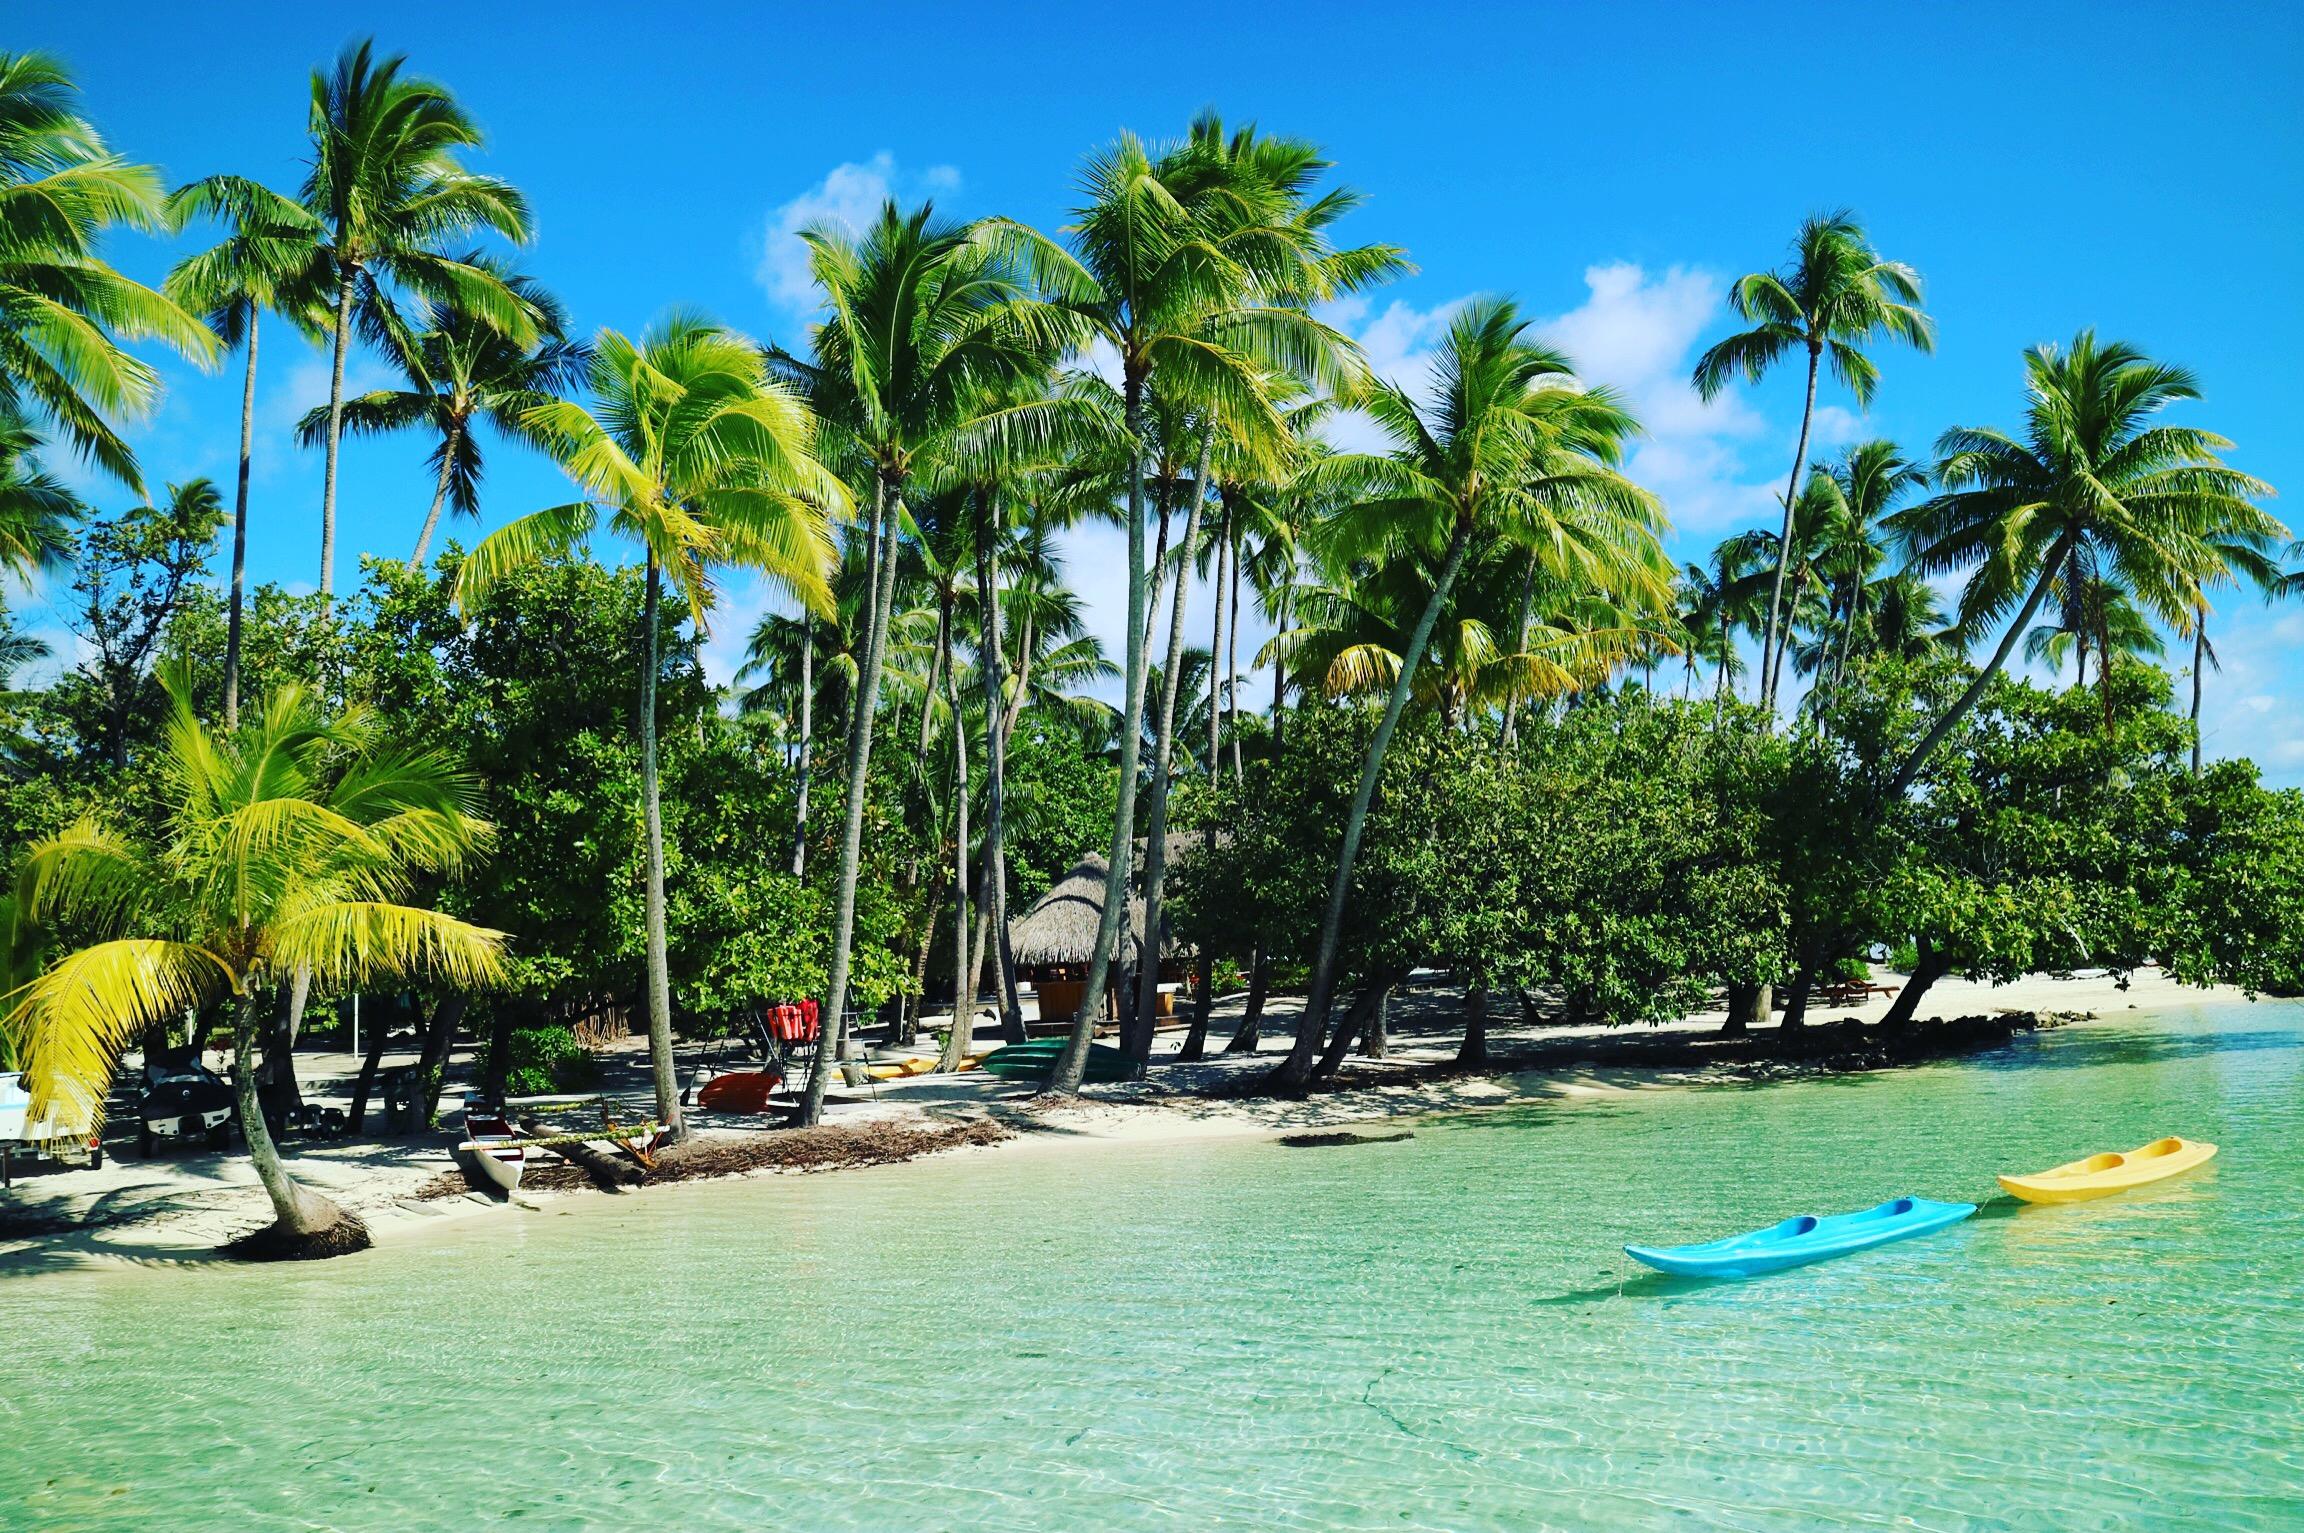 ハネムーン タヒチ旅行記 * タハア島 ラ・タハアアイランド・リゾート・スパの口コミ